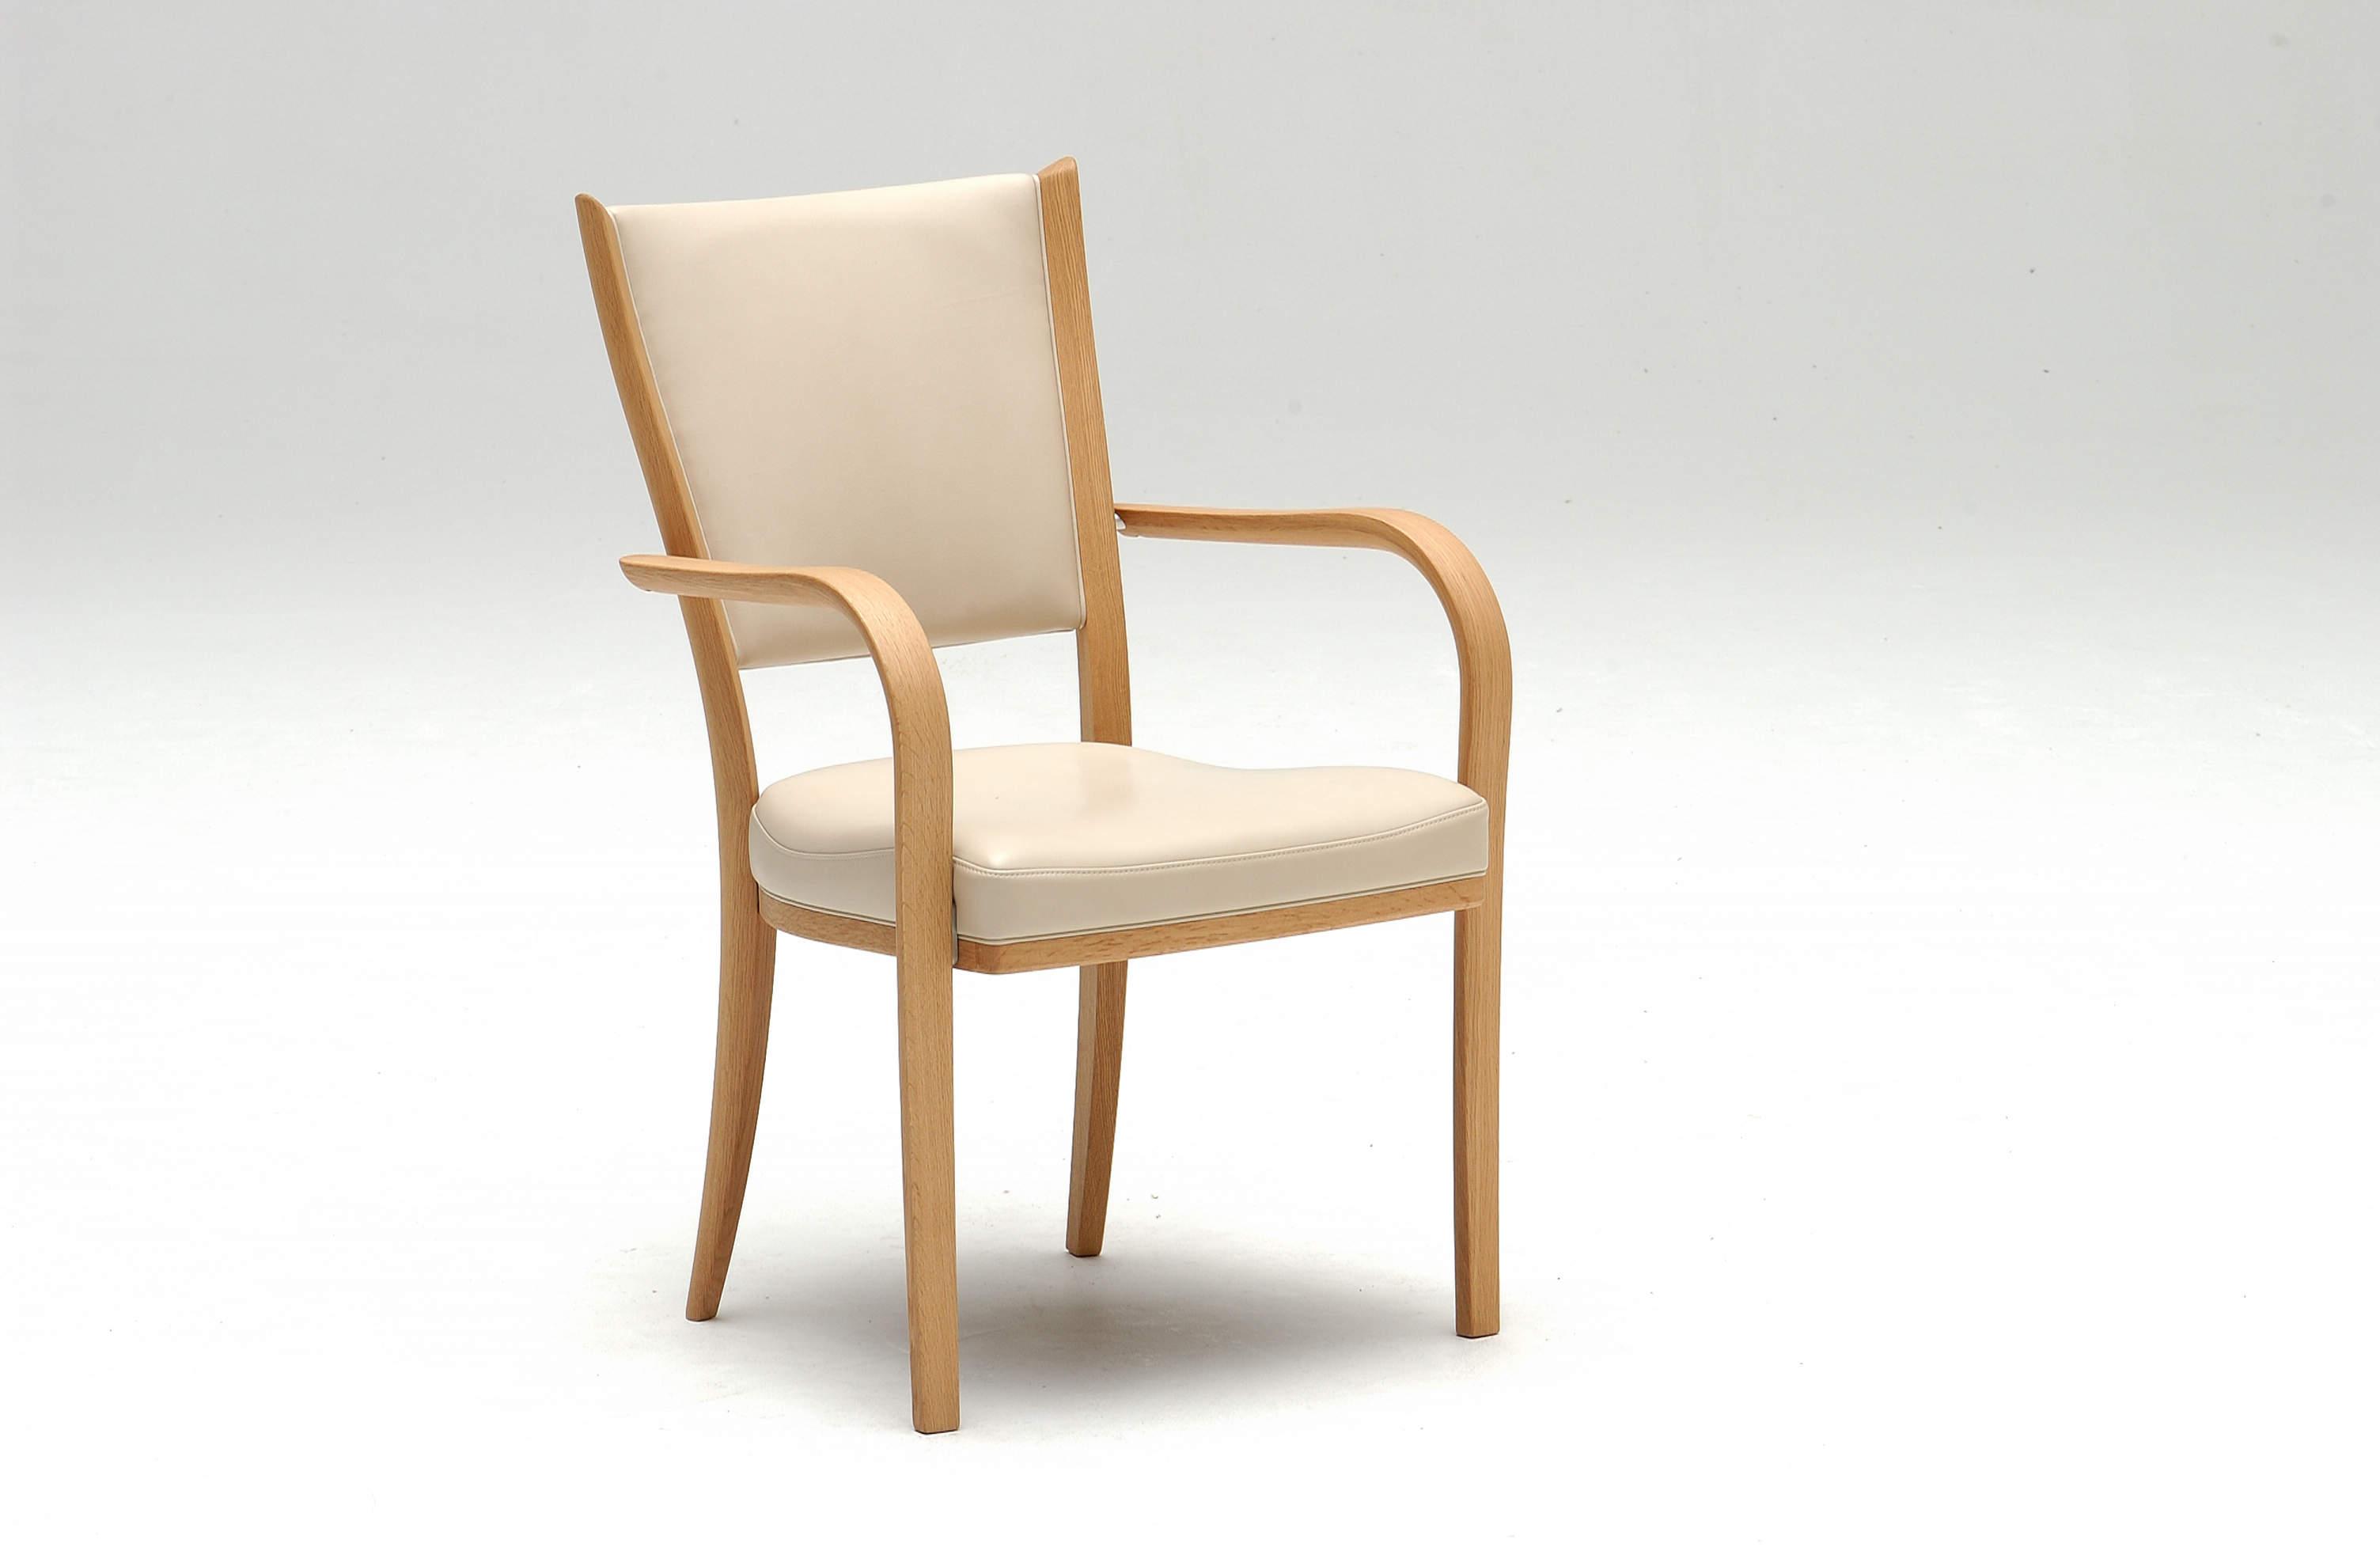 Dal giappone un azienda leader nella produzione di mobili for Produzione di mobili